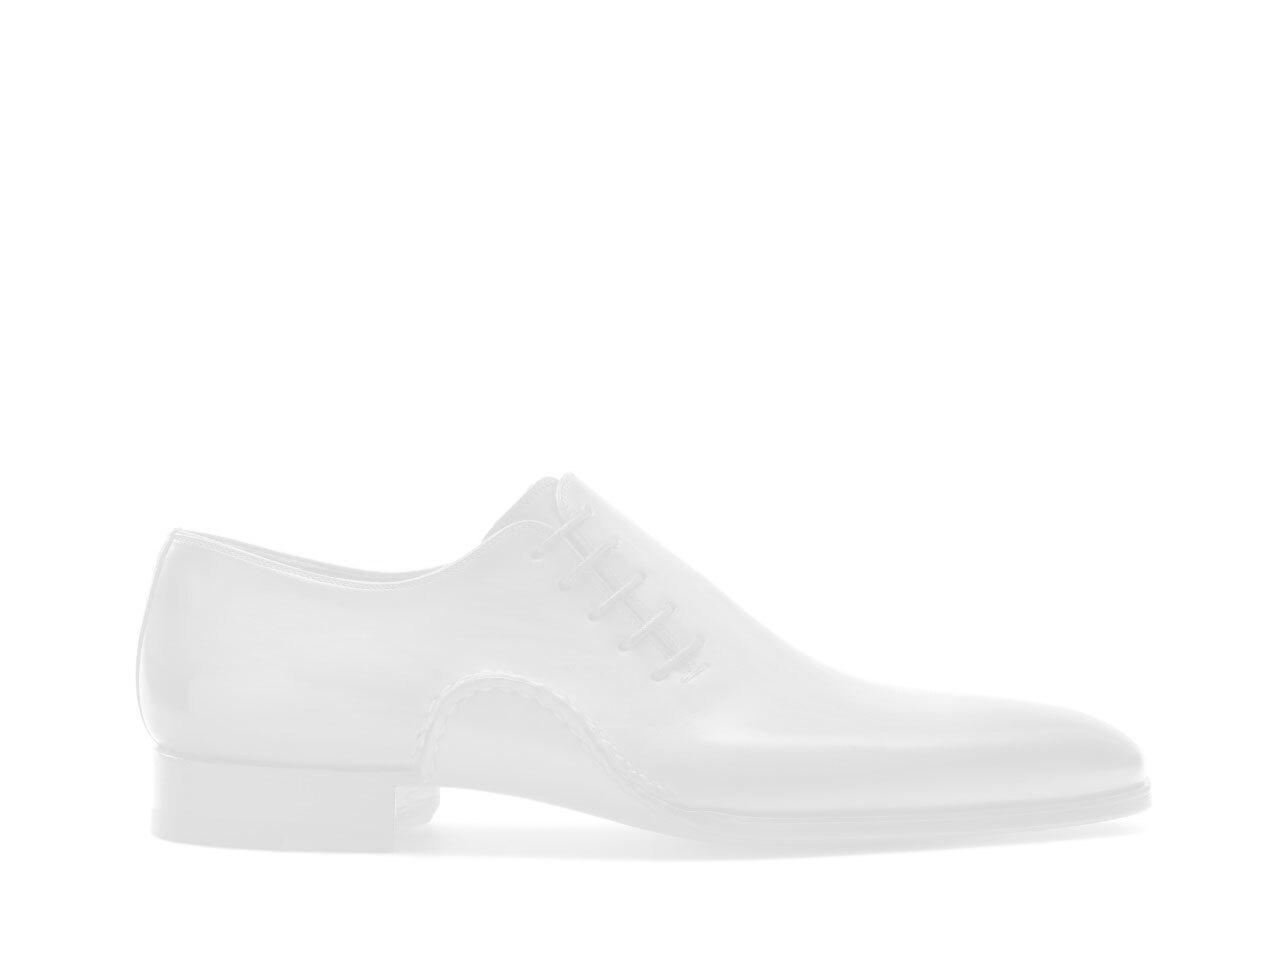 Pair of the Magnanni Avilés Navy Men's Double Monk Strap Shoes